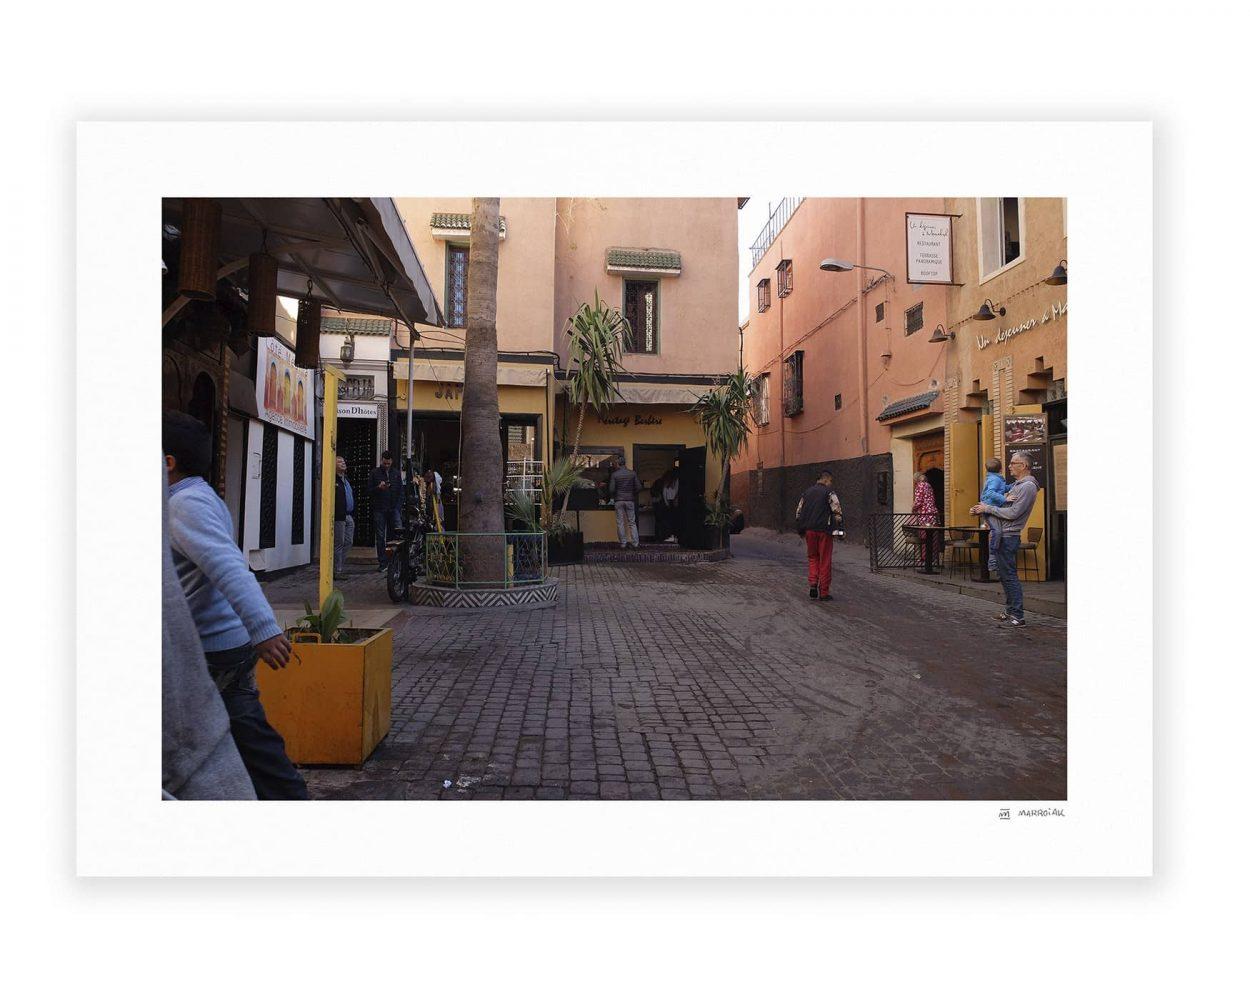 Escena en una calle de la medina de Marrakech en Marruecos. Africa